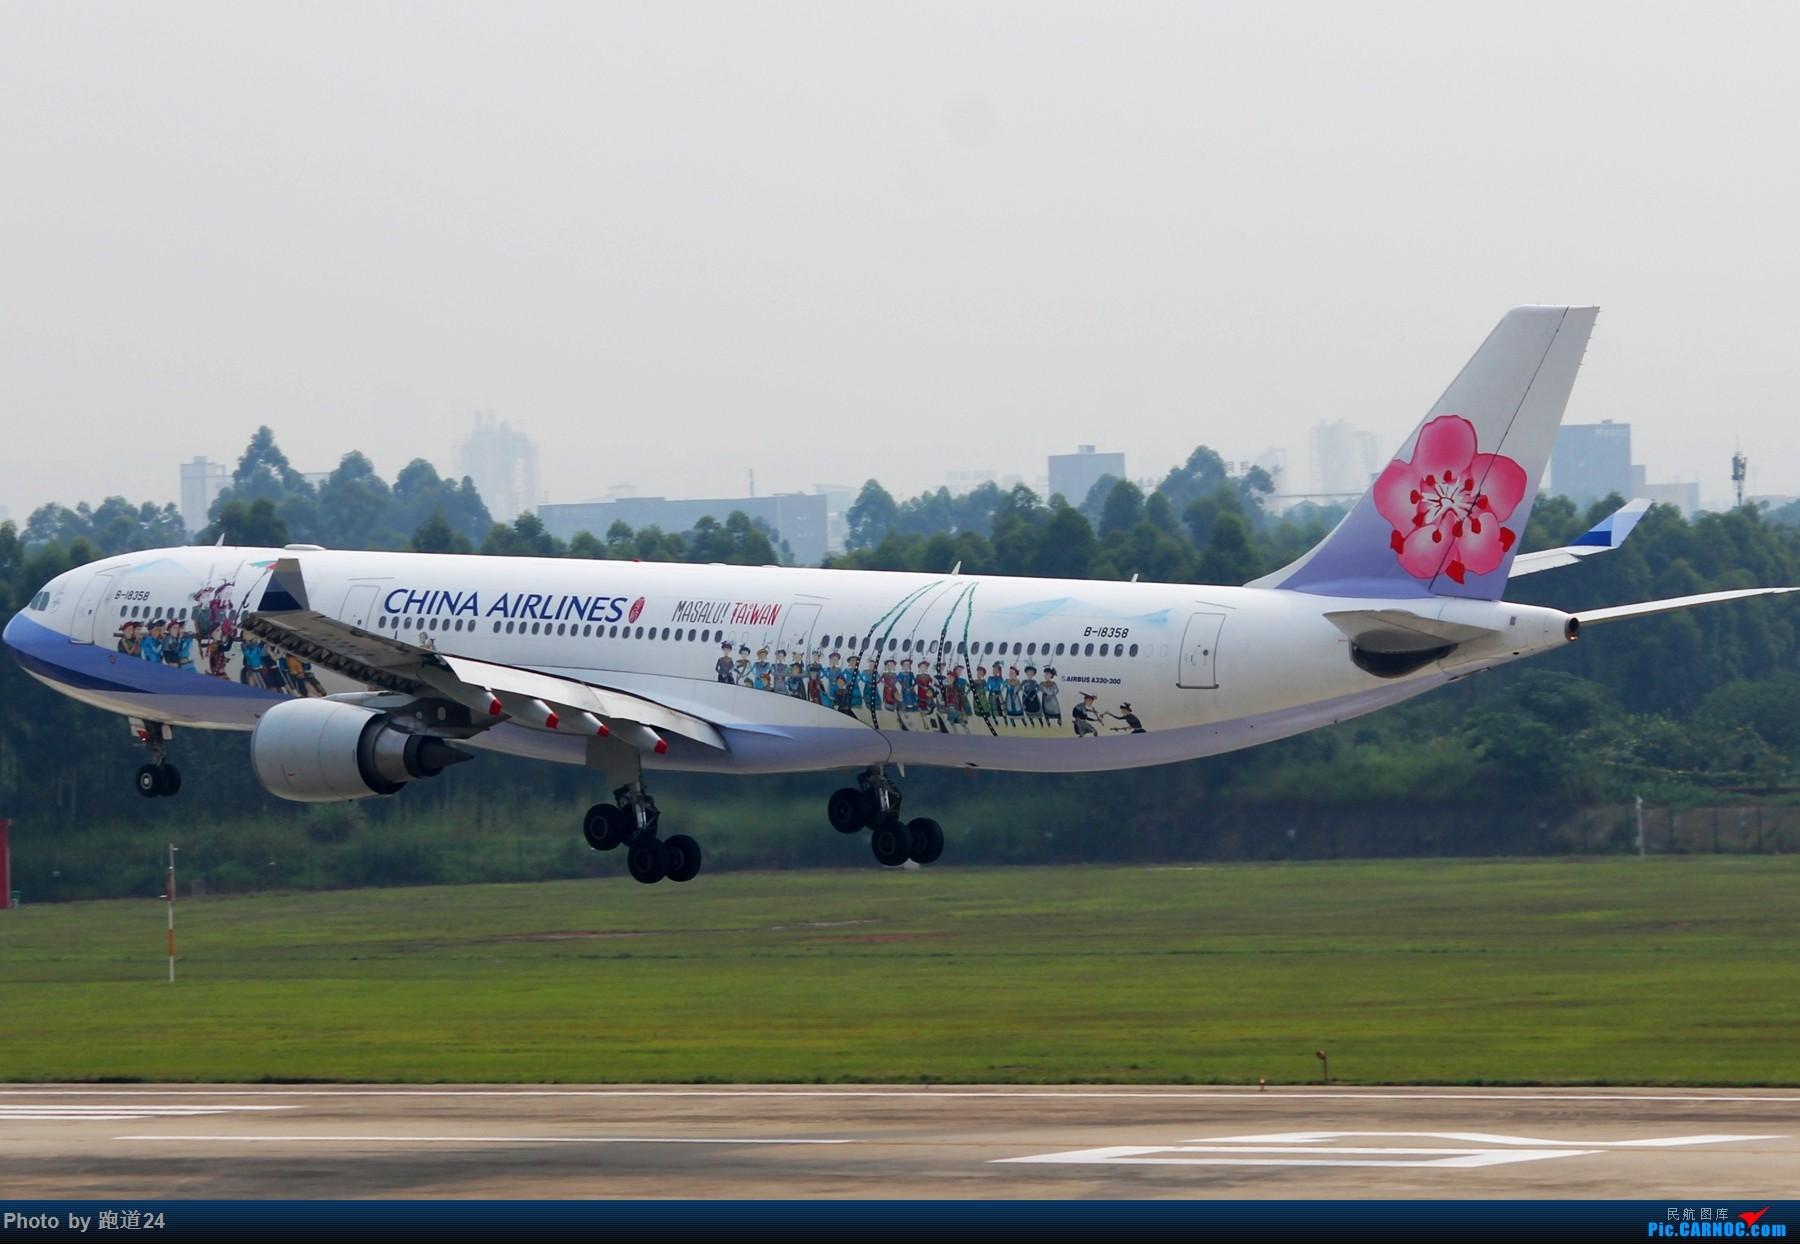 Re:[原创]【多图党】华航原住民彩绘 1800*1200 AIRBUS A330-302 B-18358 中国成都双流国际机场